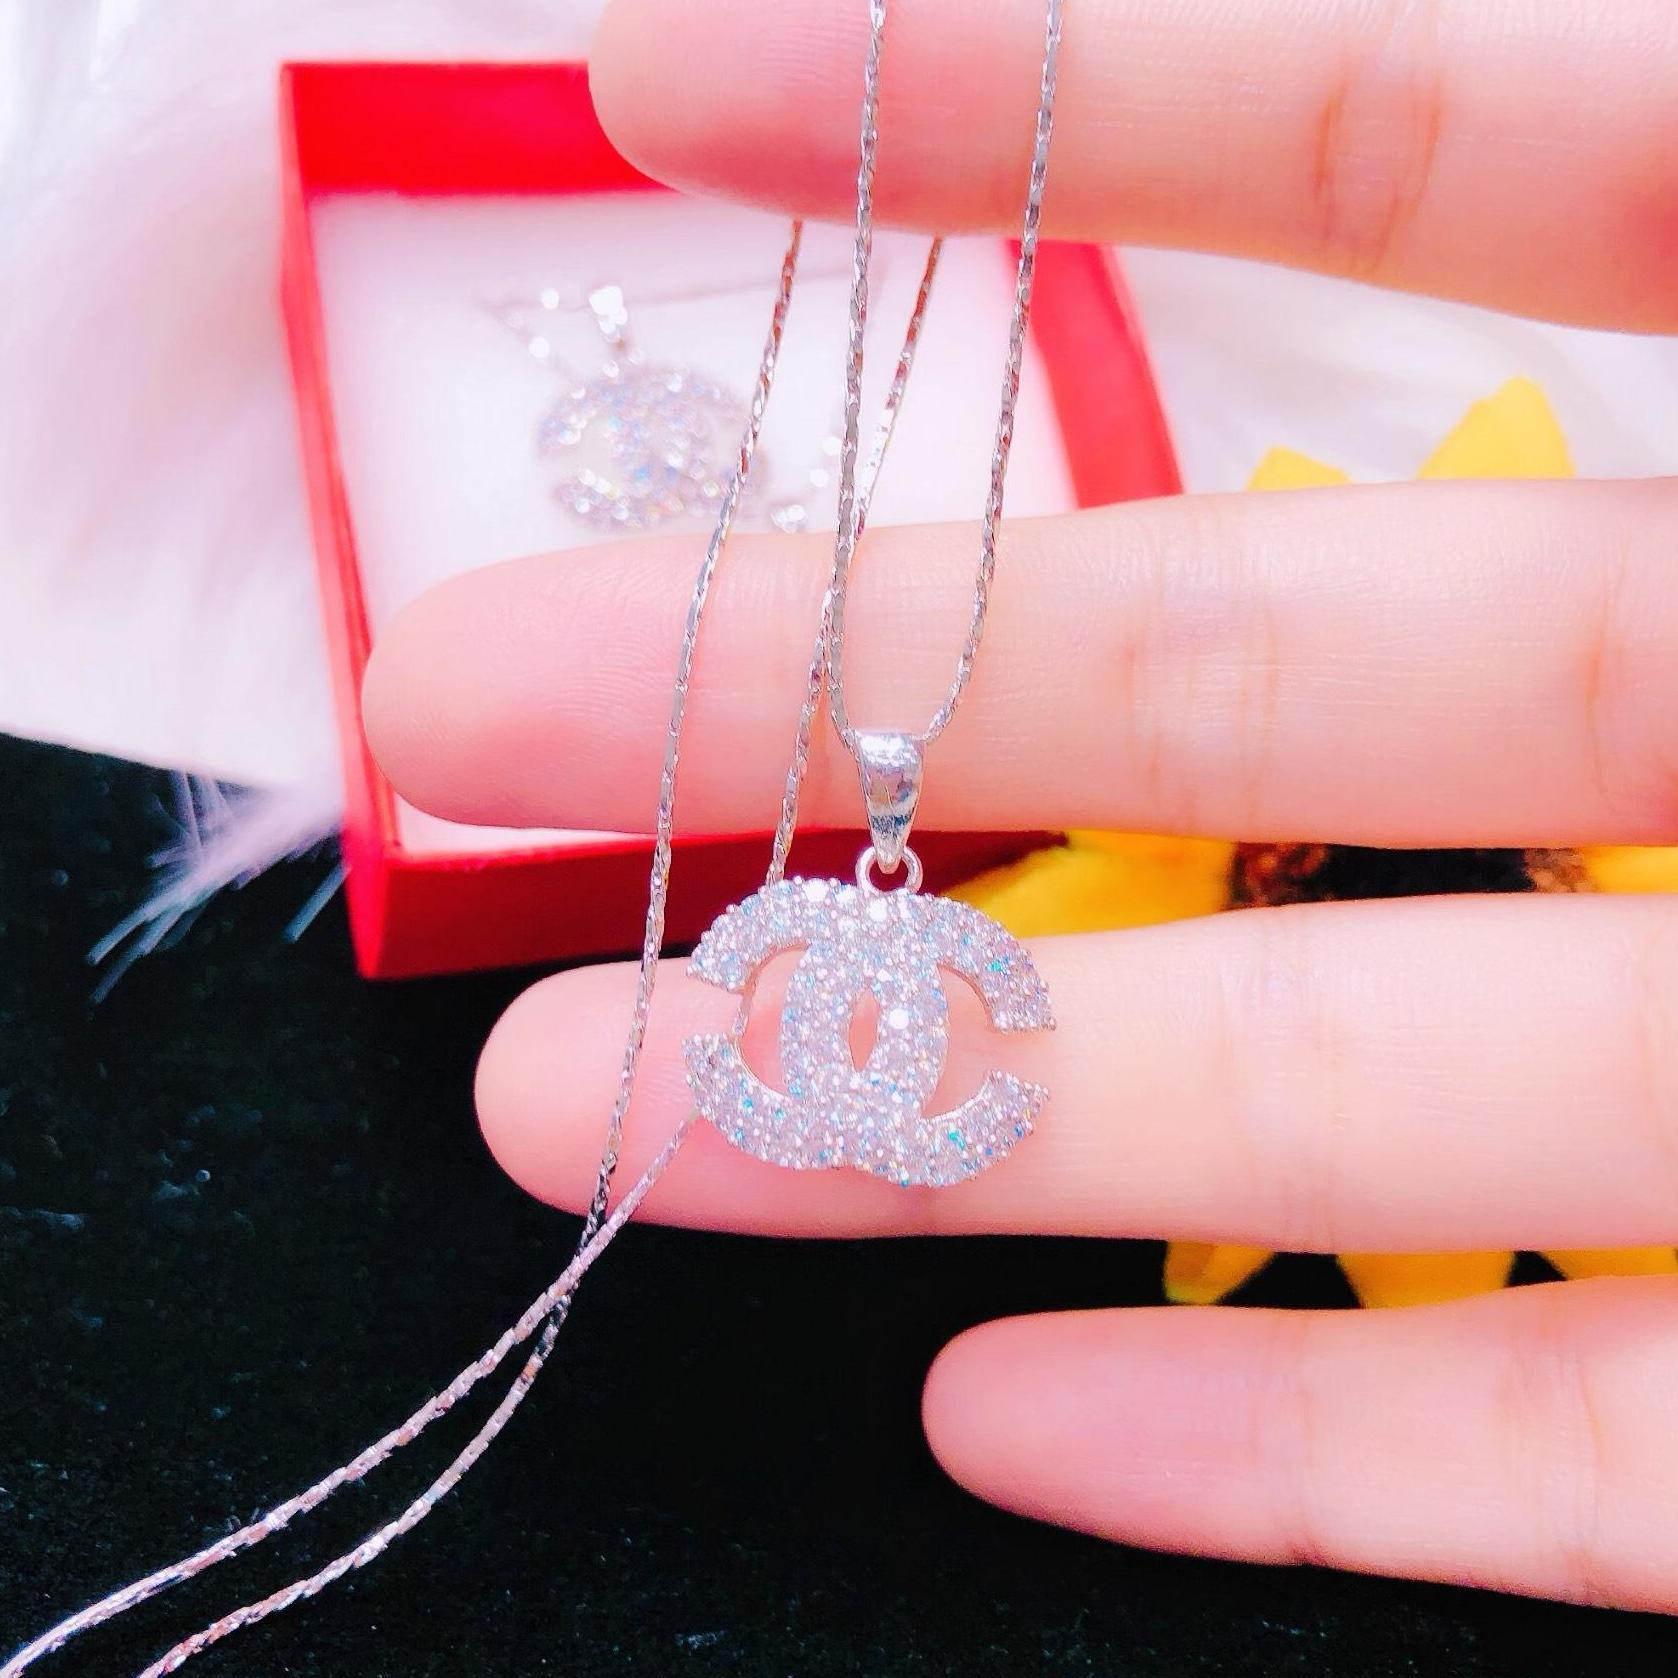 Dây chuyền nữ thời trang không phai màu Gadoshop VD21041902 - làm quà tặng bất ngờ vô cùng ý nghĩa